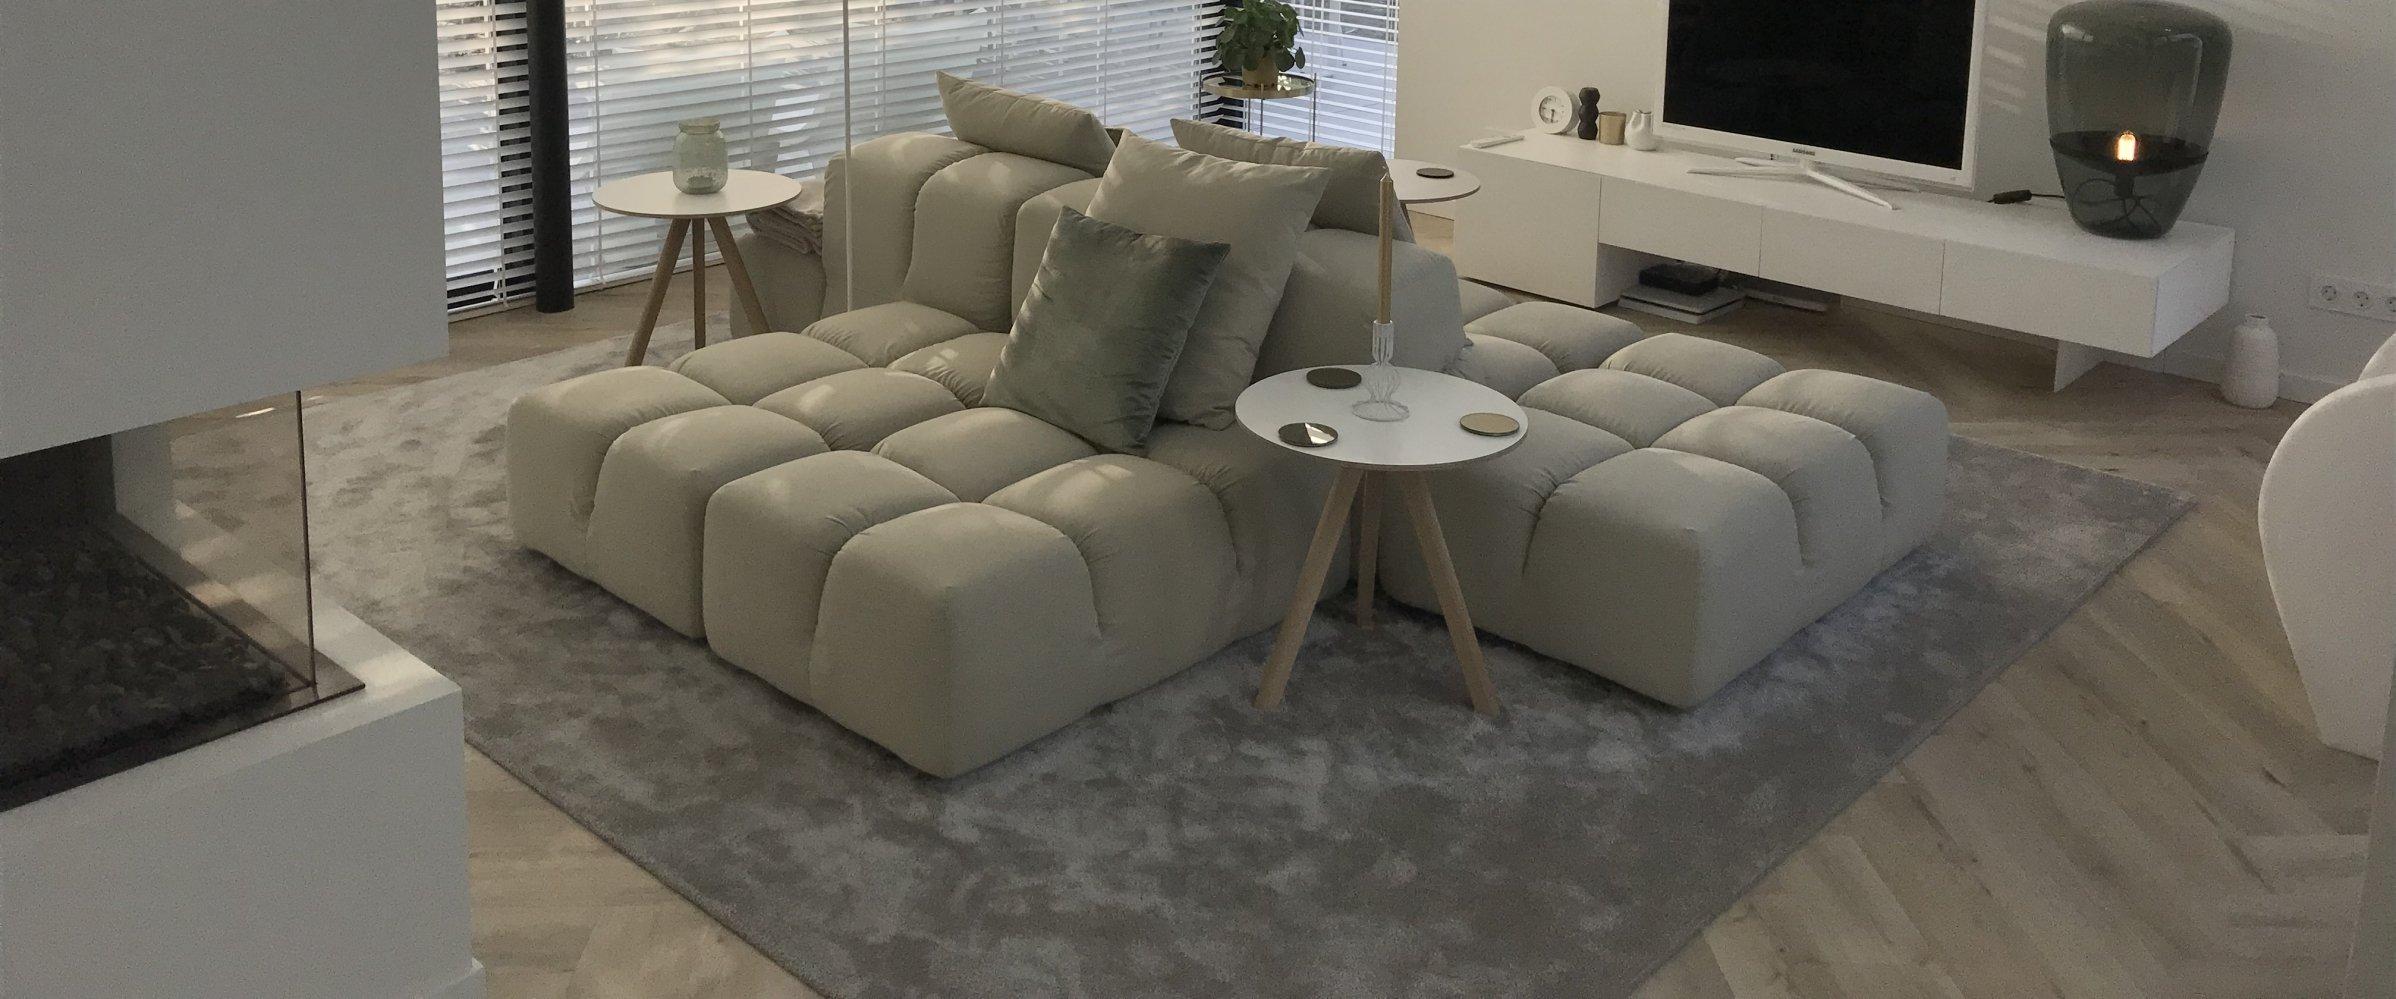 Zeitgenössische moderne Möbel